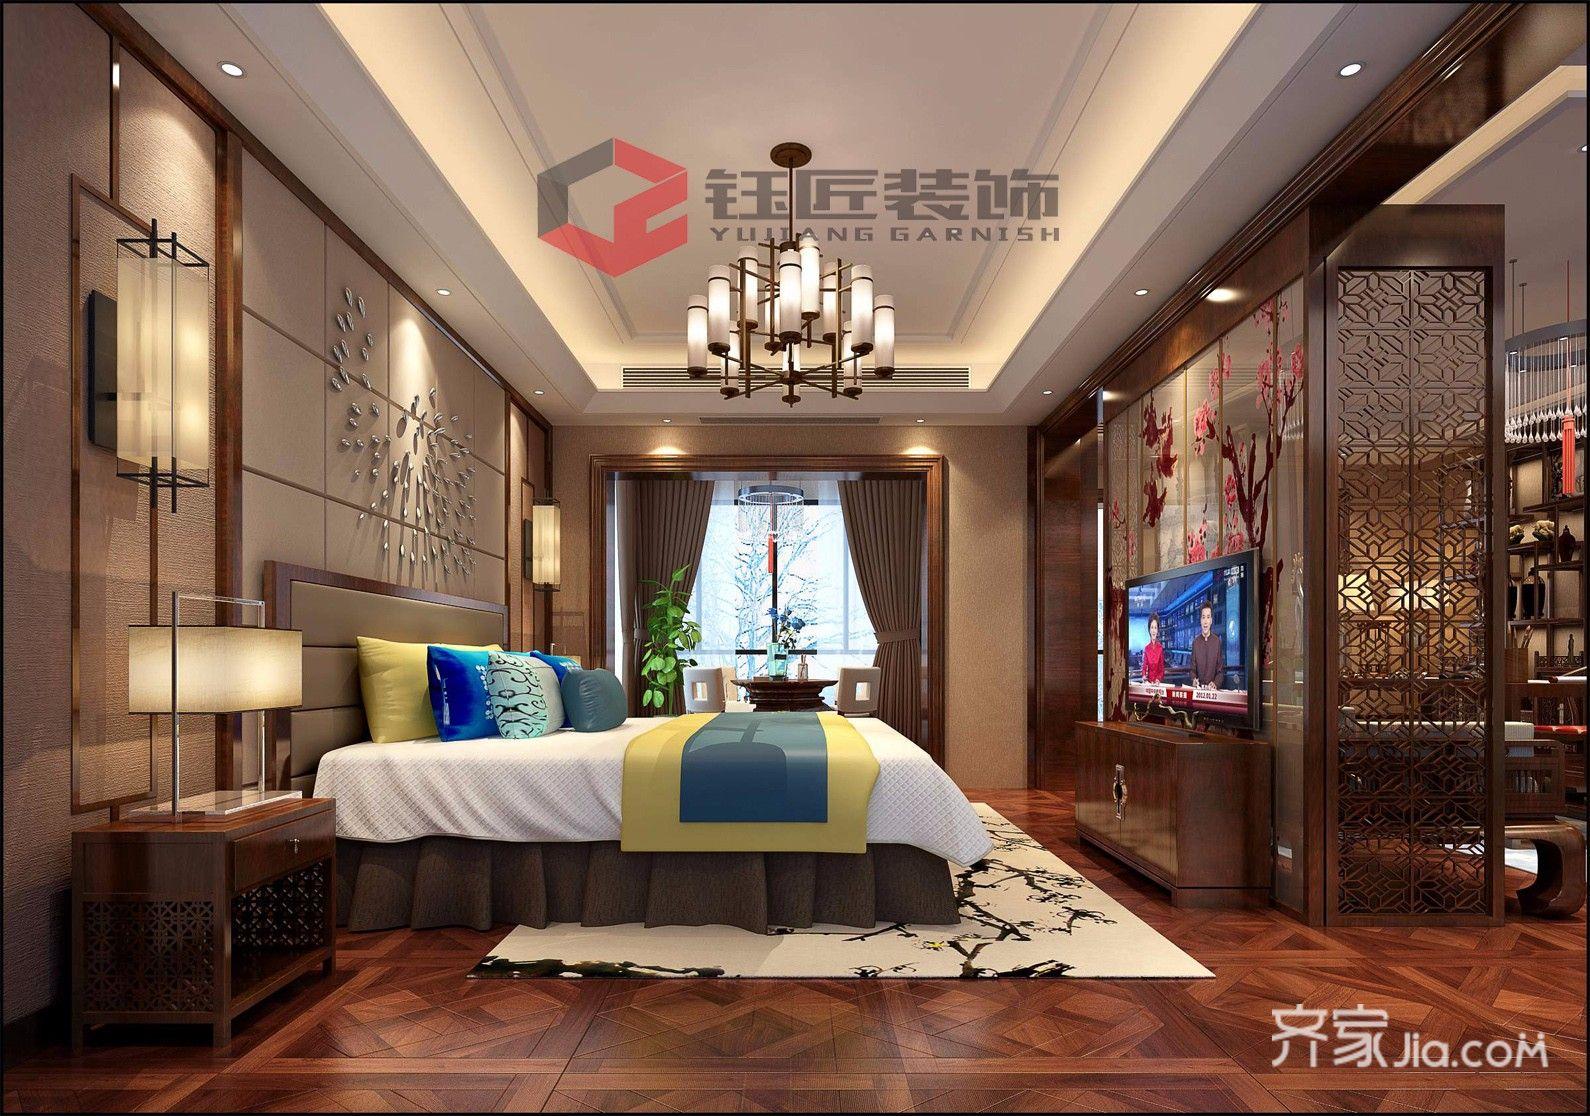 豪华新中式风格别墅卧室装修效果图